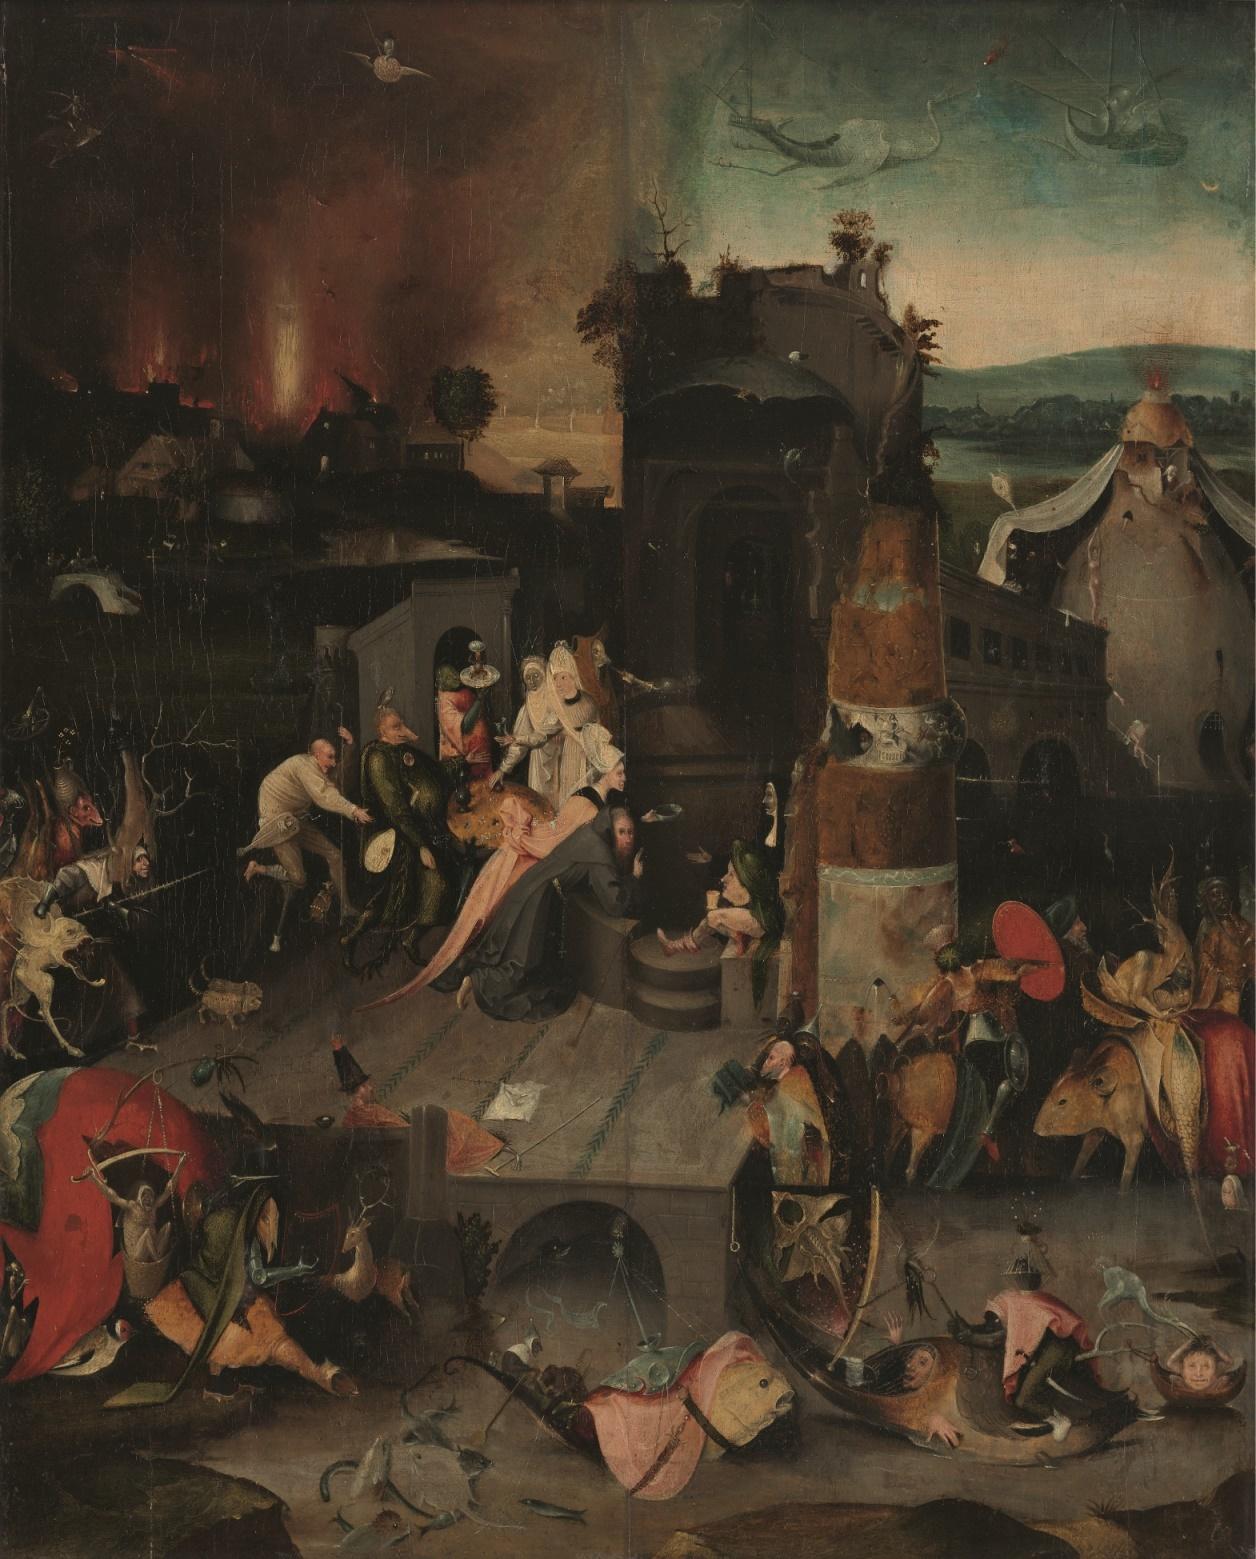 作者不詳(ボス作品の模倣)聖アントニウスの誘惑1540年頃油彩、板Museum BVB, Rotterdam, Netherlands